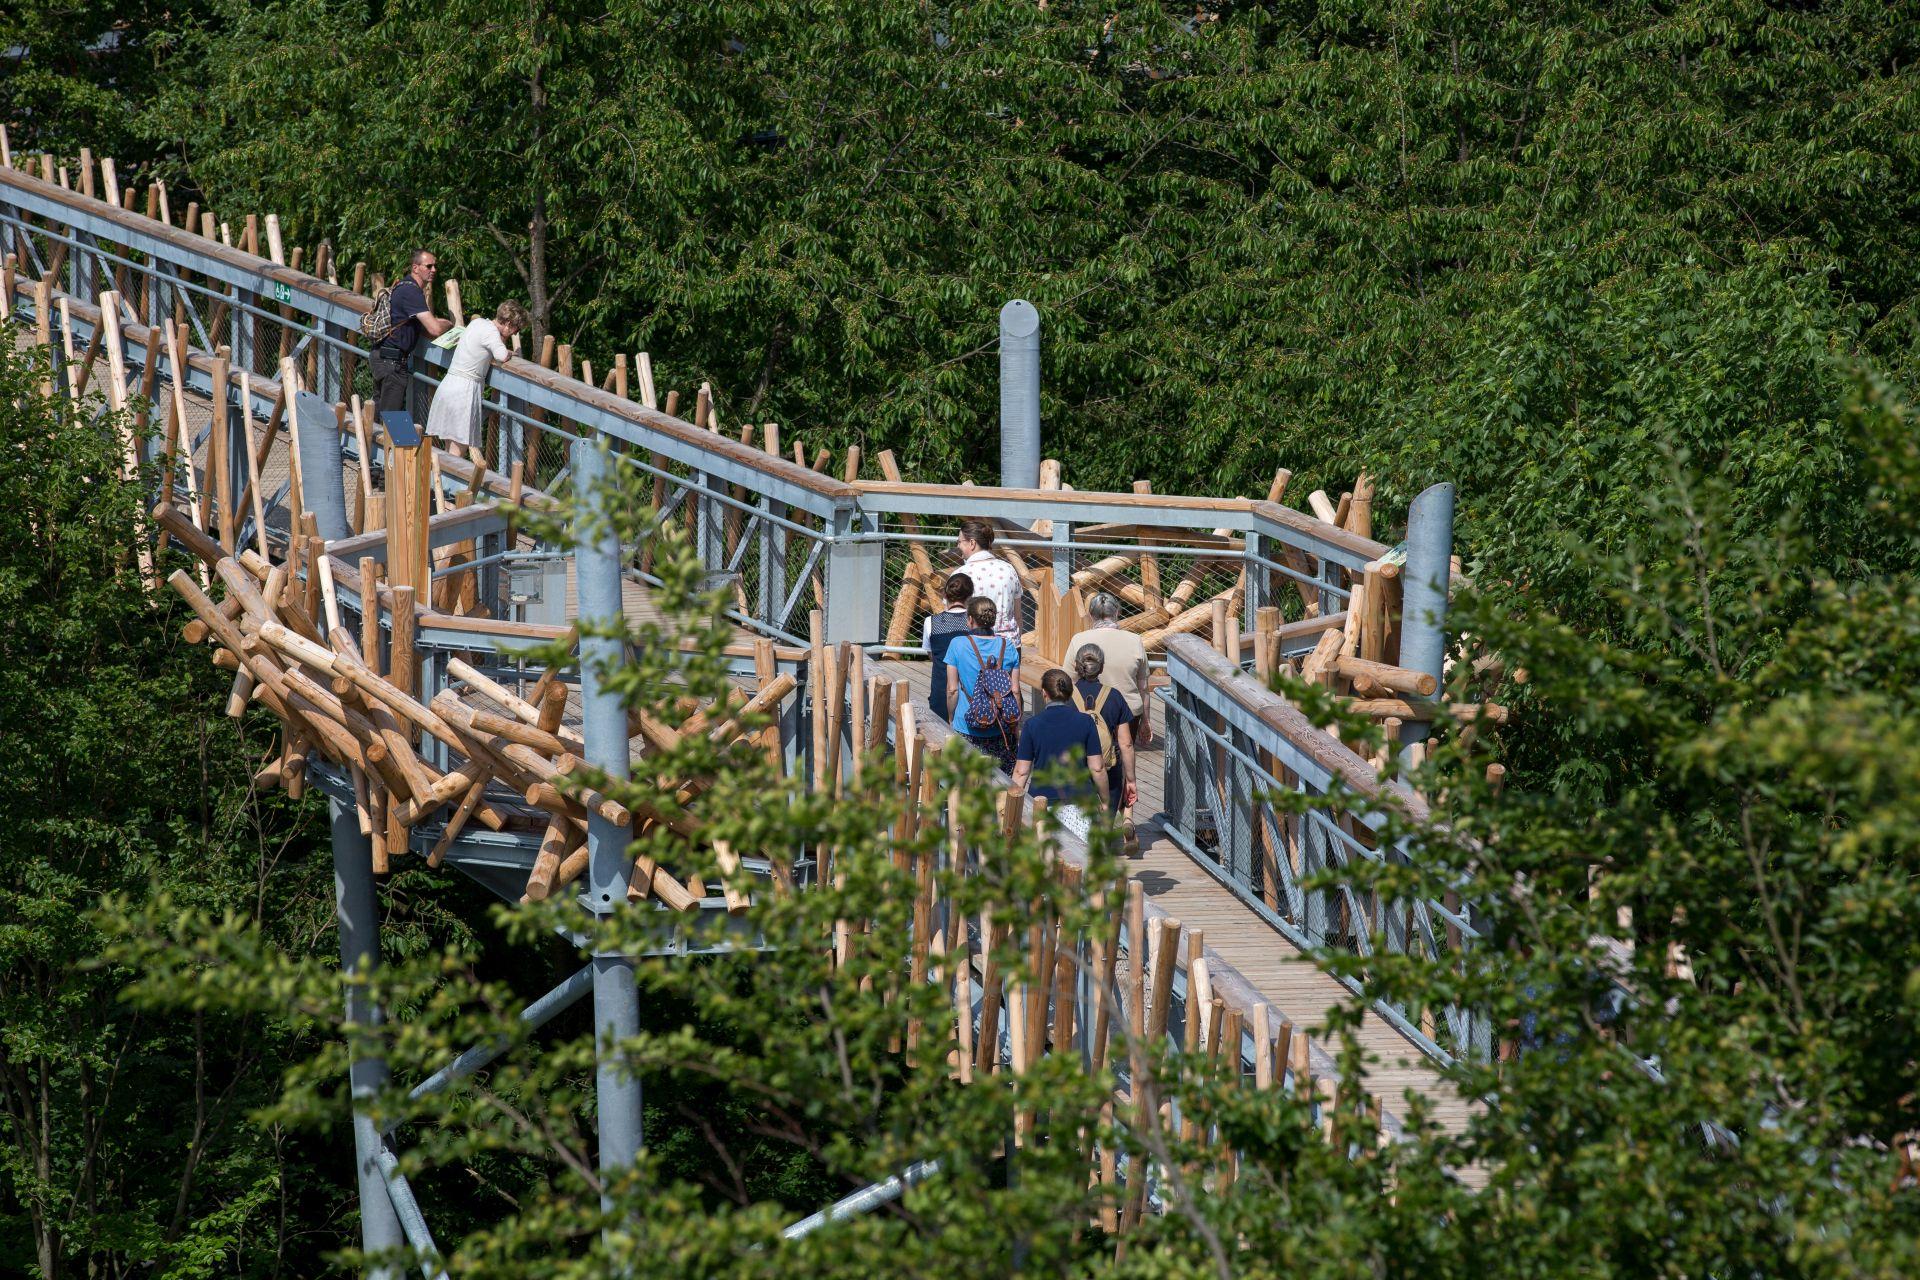 Öffnungszeiten baumwipfelpfad bad belzig Baumkronenpfad Beelitz